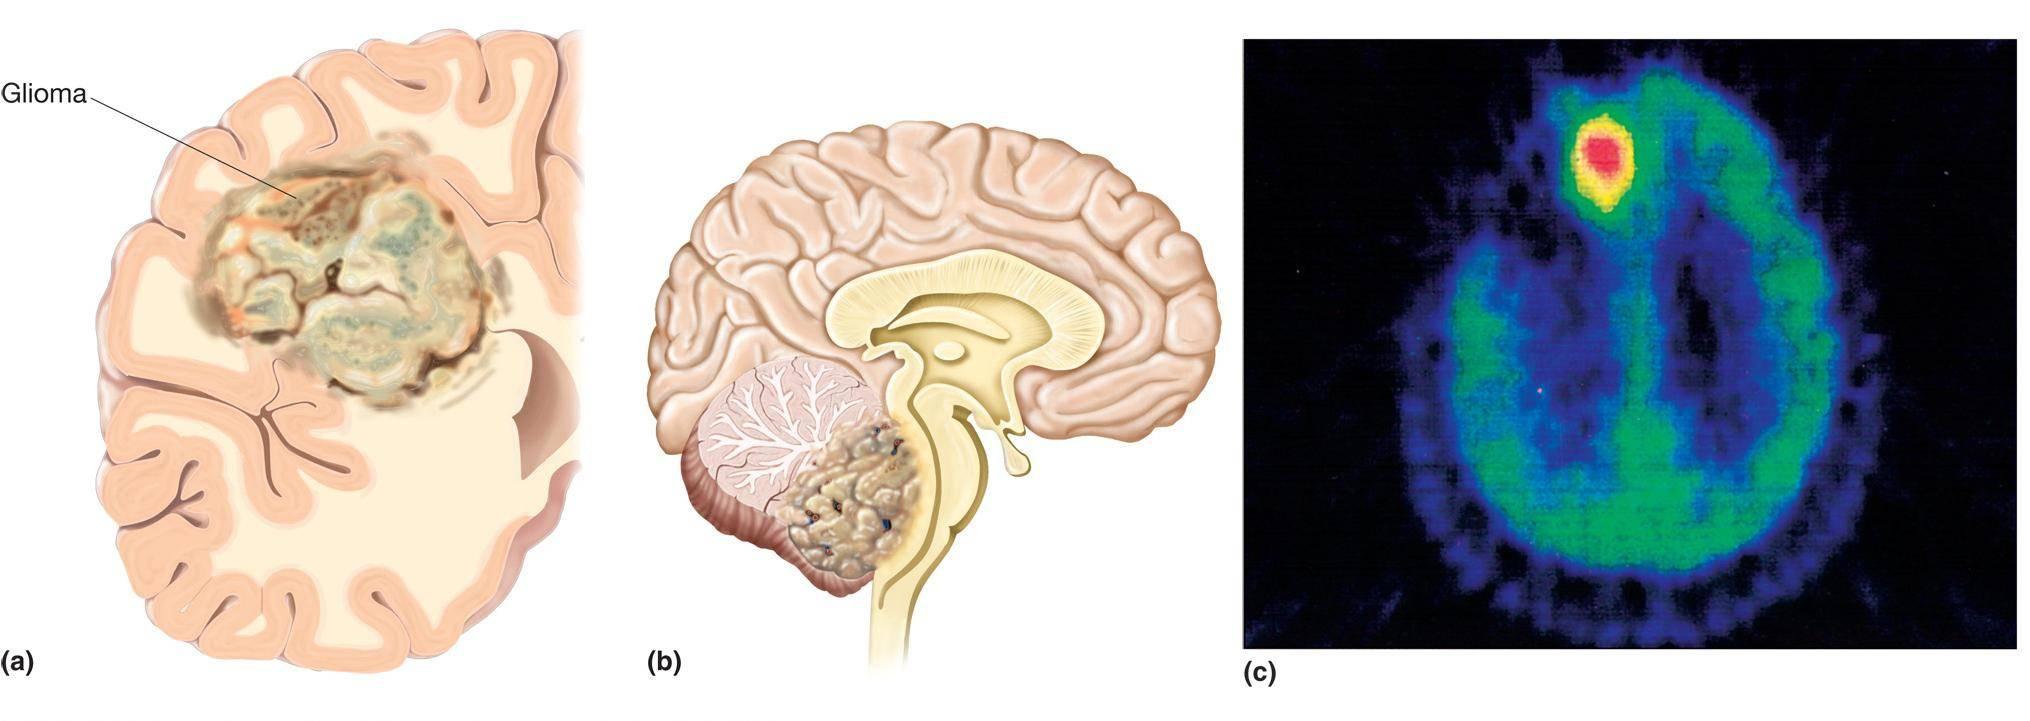 Стадии опухоли головного мозга: признаки, симптомы, виды, прогноз, лечение